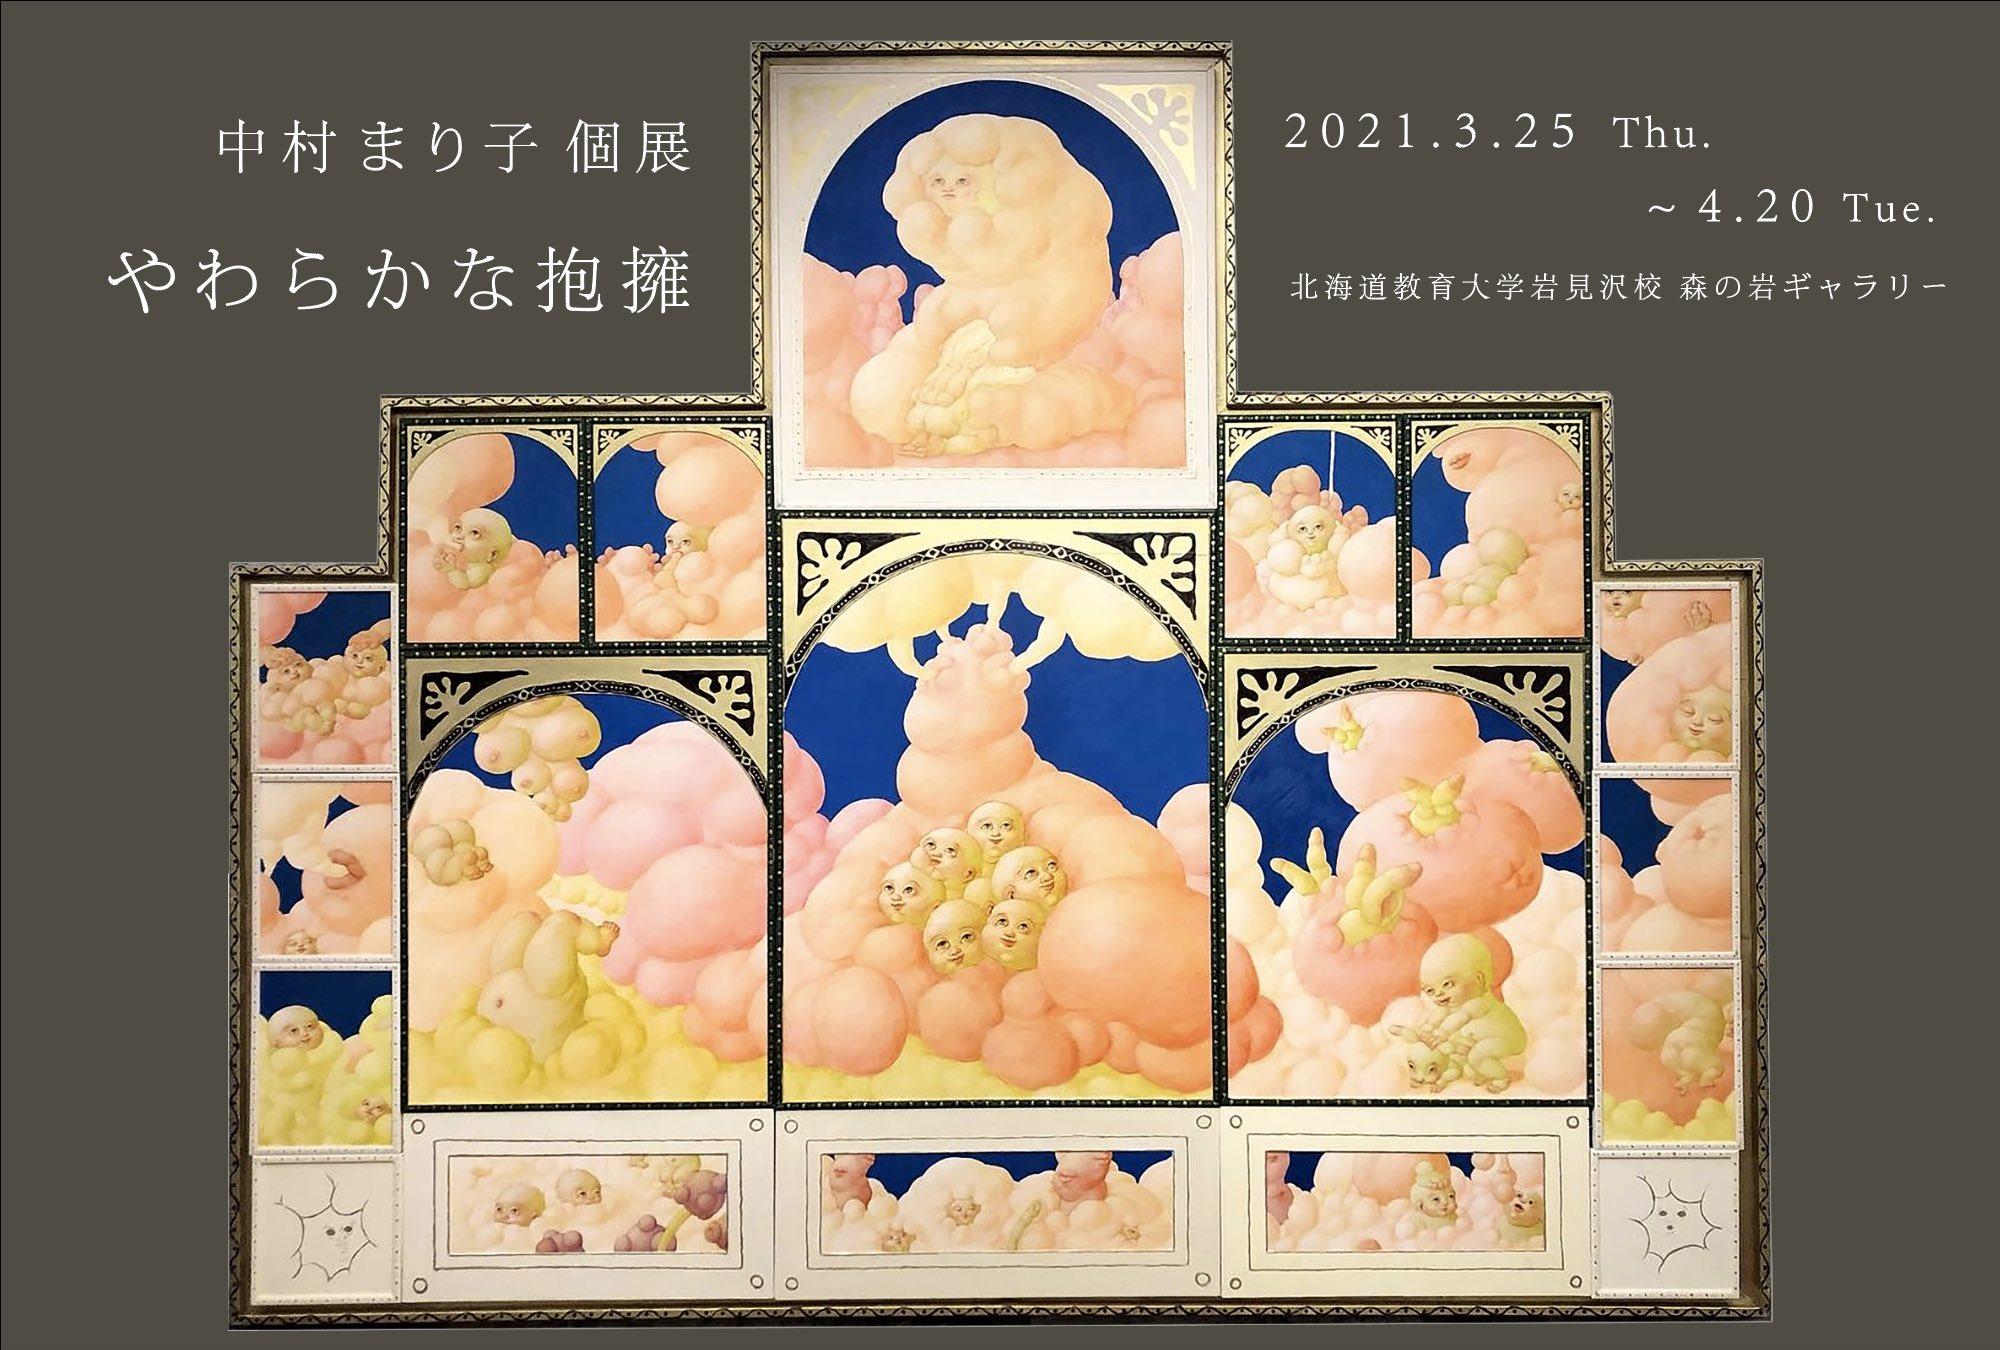 中村まり子個展「やわらかな抱擁」の画像1